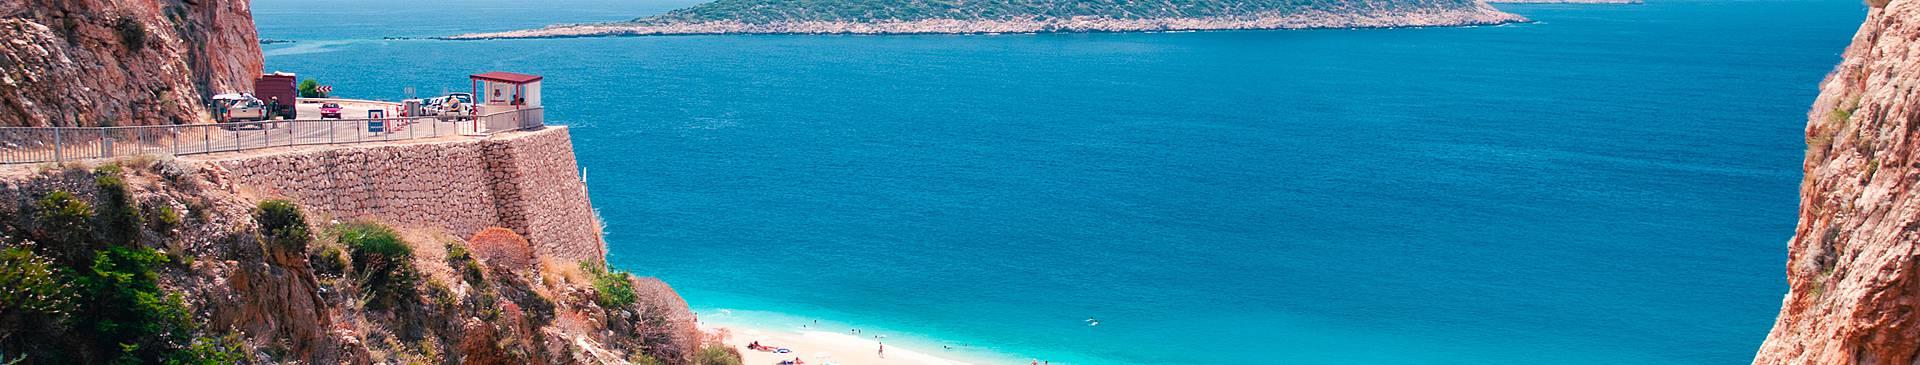 Voyage plage en Turquie